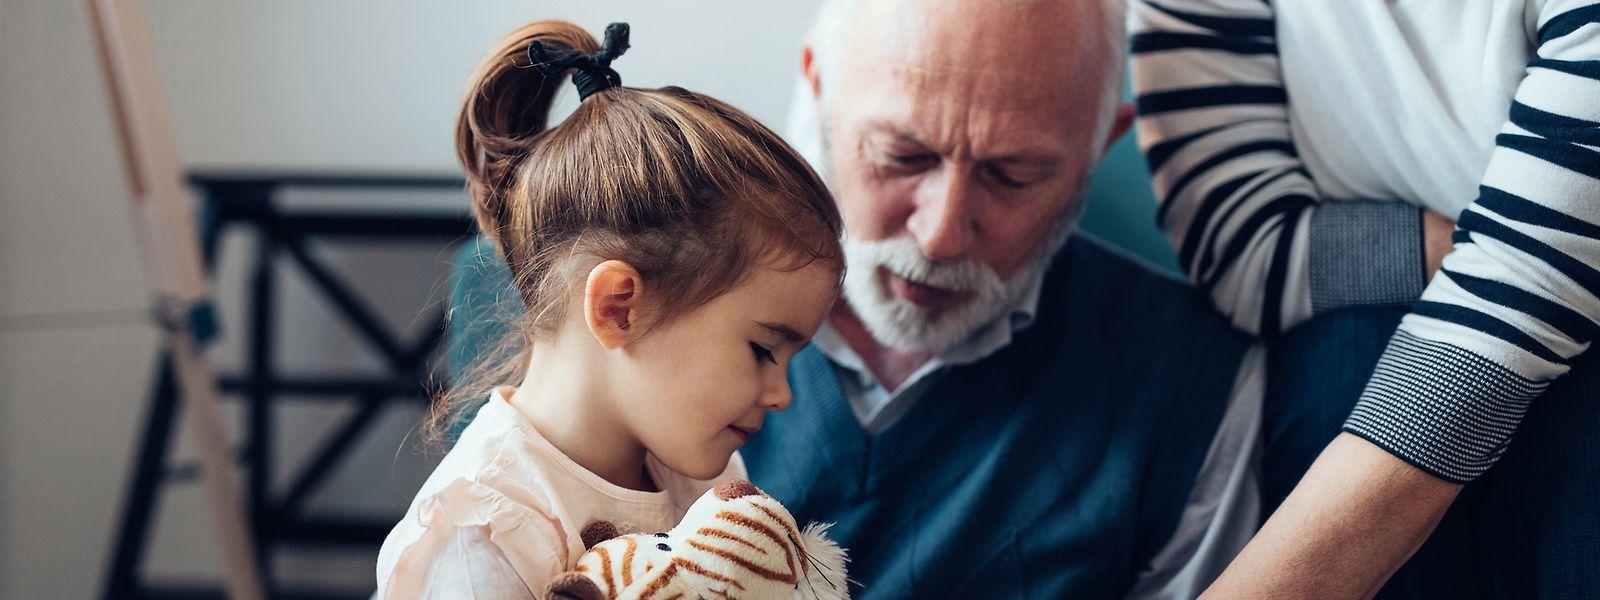 Auch Verwandte, wie Großeltern oder Onkel und Tante, können betroffene Kinder zu sich nehmen. Dann gelten auch sie als Pflegefamilie und können staatliche Hilfen beziehen.